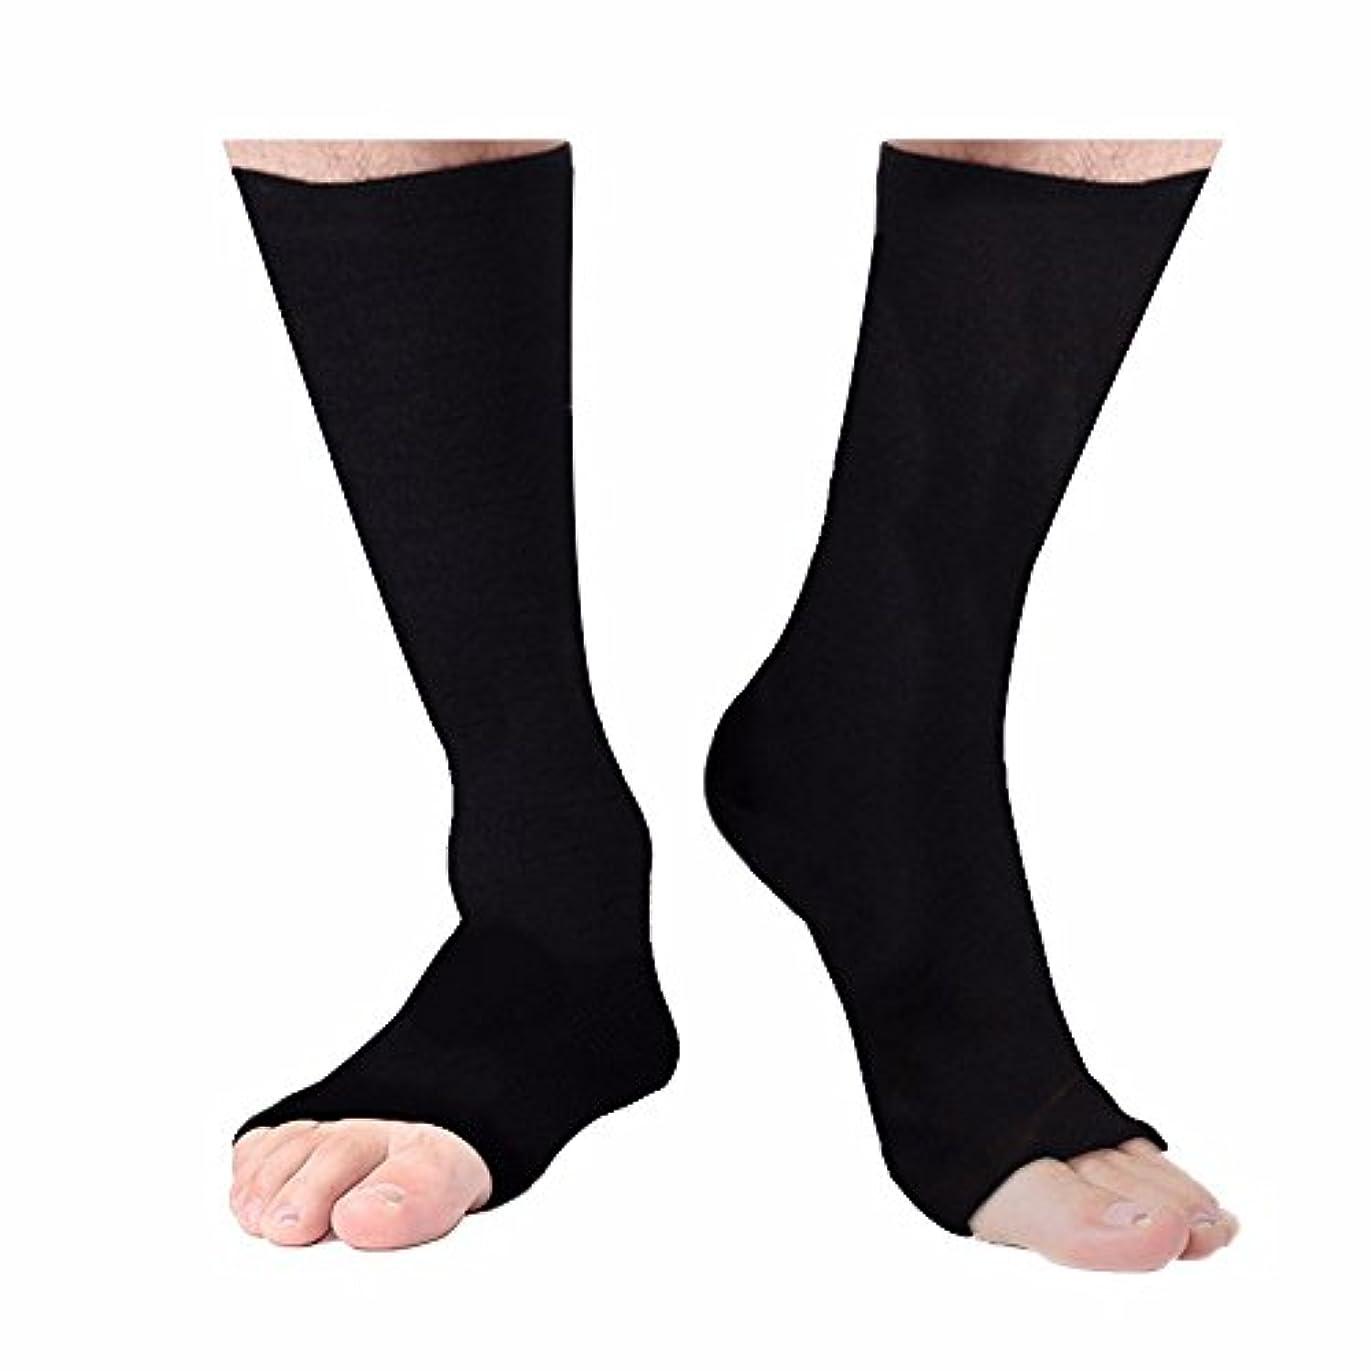 ピクニック見通し直面するYartar 着圧ソックス オープントゥ 段階圧力 ハイソックス 膝下 むくみ対策 男女兼用 Open Toe Pressure Socks (ブラック, L:35cm)